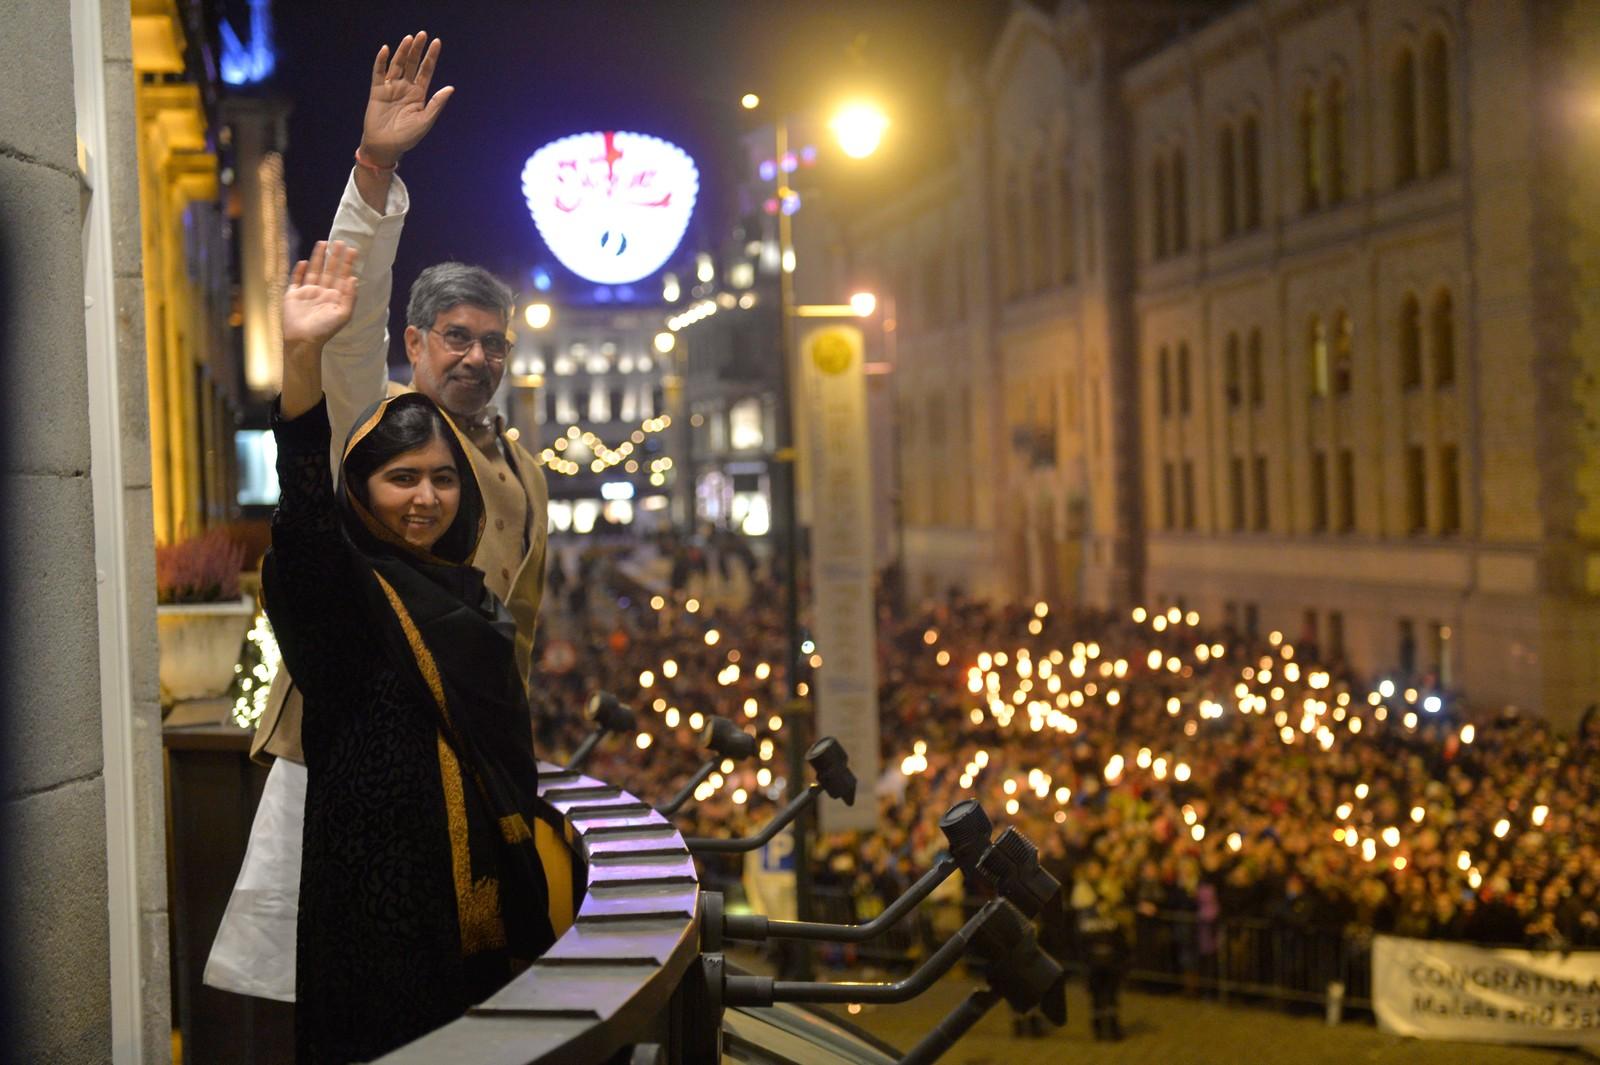 FAKKELTOG: Flere tusen mennesker deltok i fakkeltoget og sto utenfor Grand Hotel for å hylle Malala Yousafzai og Kailash Satyarthi. Nobels Fredspris 2014. Fredsprisvinnerne Kailash Satyarthi og Malala Yousafzai hilser fakkeltoget fra balkongen på Grand Hotel i Oslo onsdag kveld.  Foto: Fredrik Varfjell / NTB scanpix